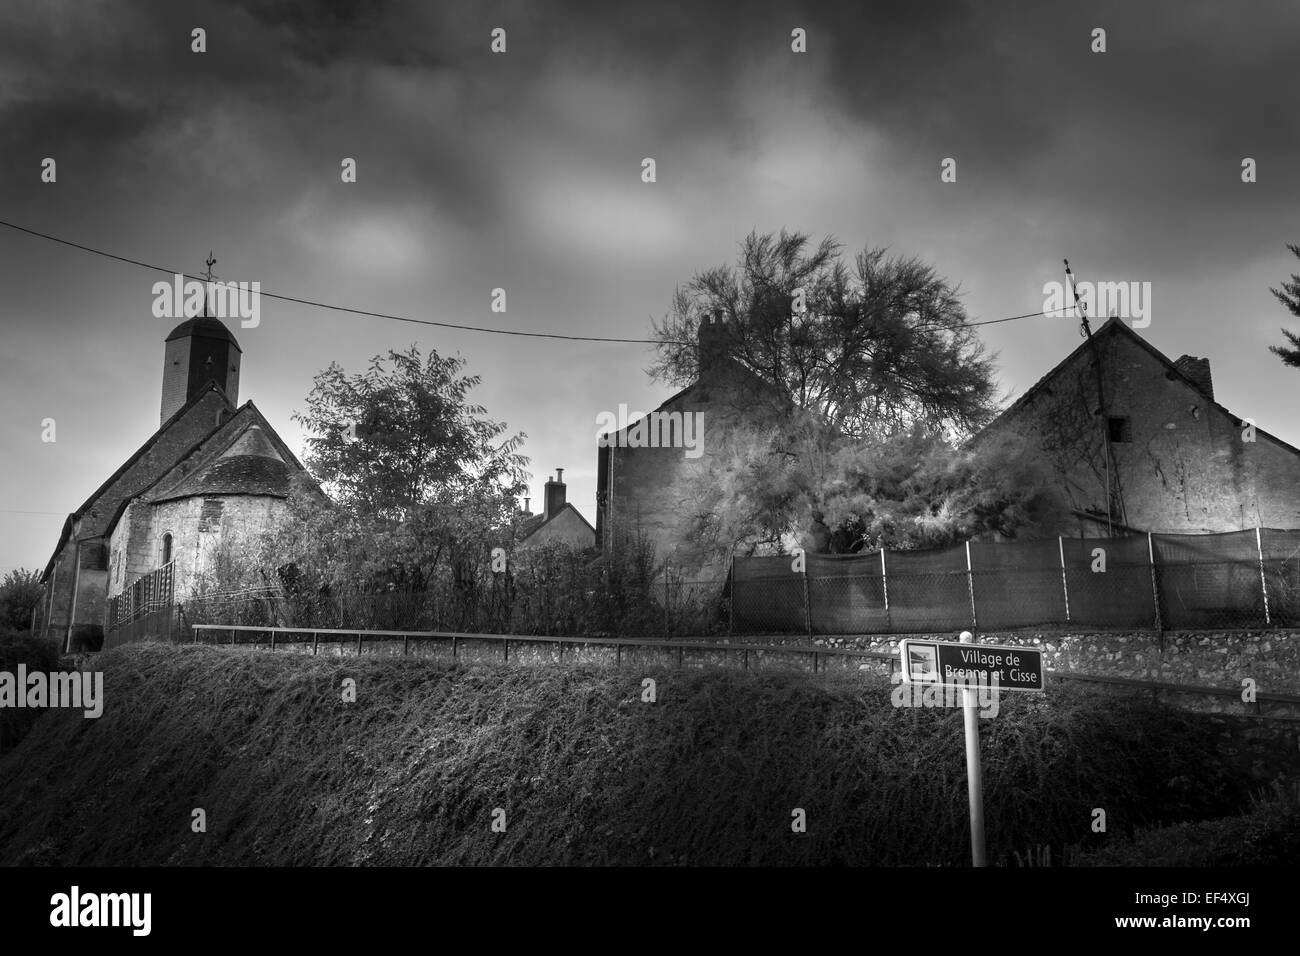 Edifici seduto su una collina, neuille-le-lierre village, Indre-et-Loire, Francia. Immagini Stock